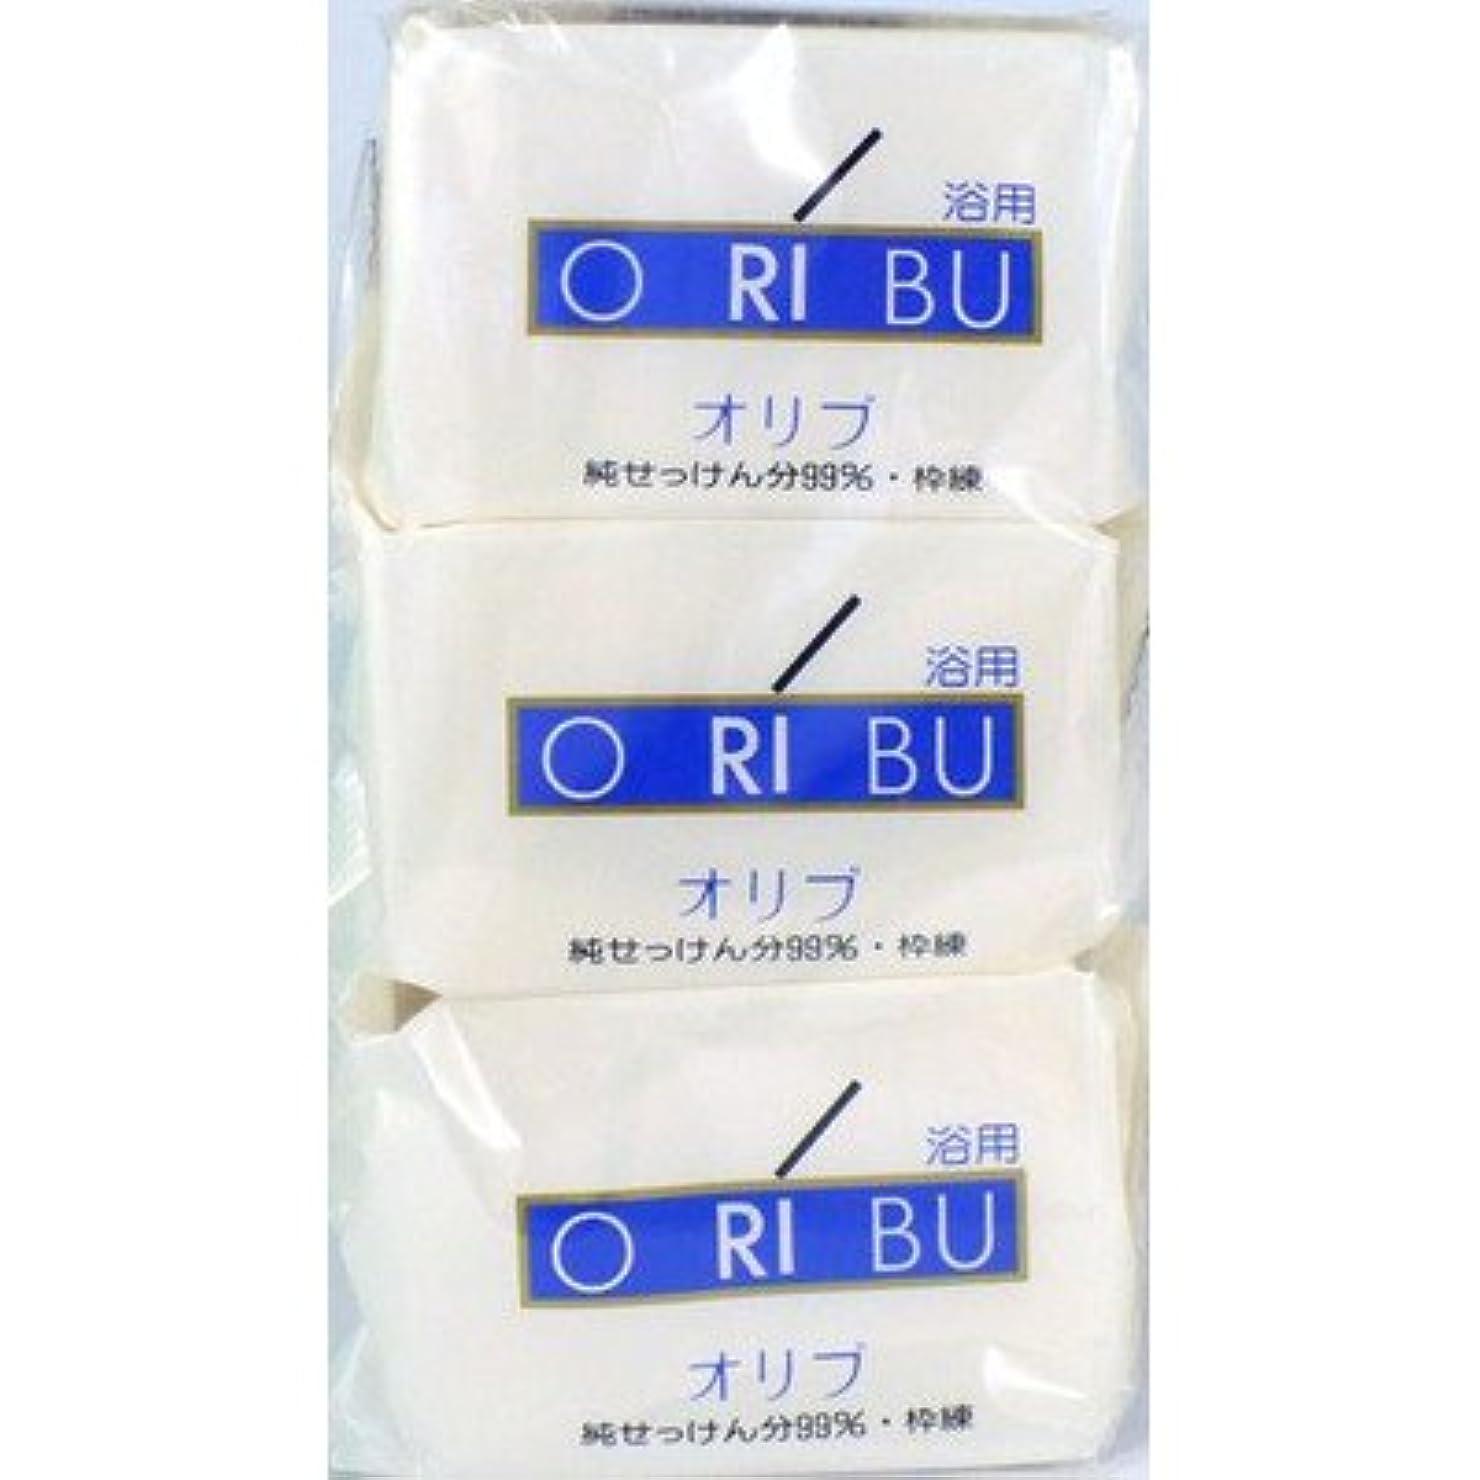 山積みの熱狂的な知り合いになる暁石鹸 ORIBU オリブ 浴用石鹸 110g 3個入り